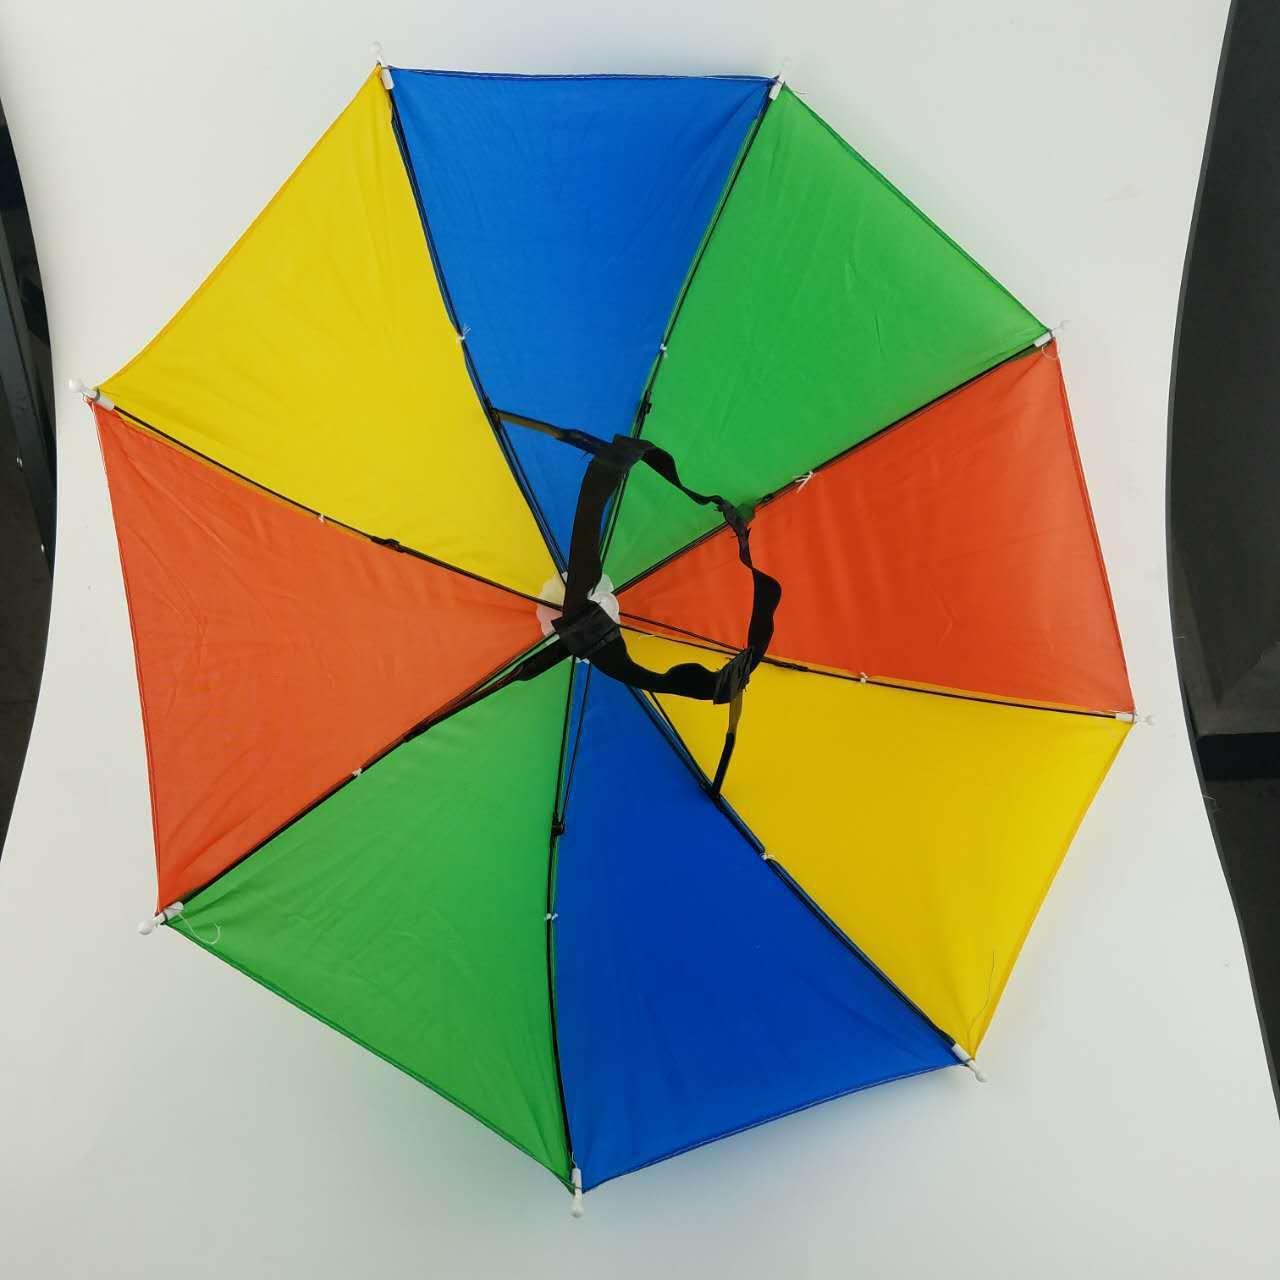 Spot Wholesal шляпу зонтик шляпа открытый путешествия солнцезащитный крем рыбалка детей арбуз радуга игрушка зонтик